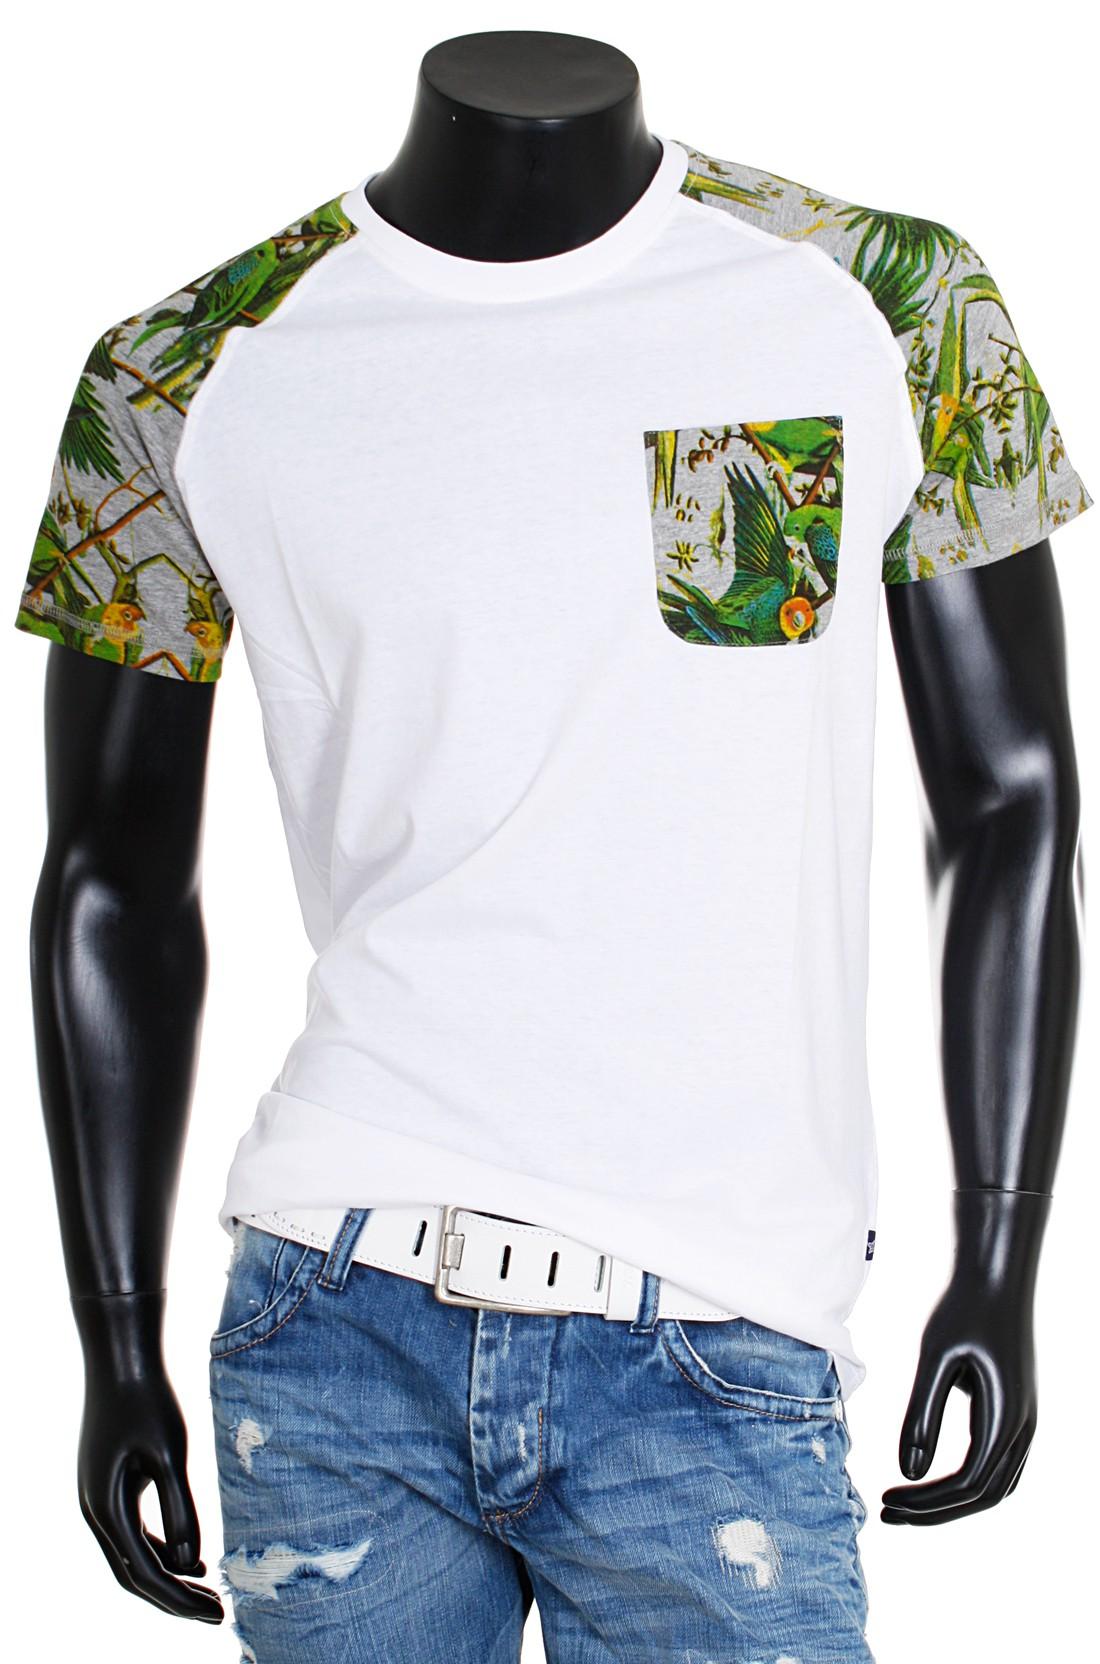 naketano t shirt herren naketano t shirt lorelei ii dark. Black Bedroom Furniture Sets. Home Design Ideas